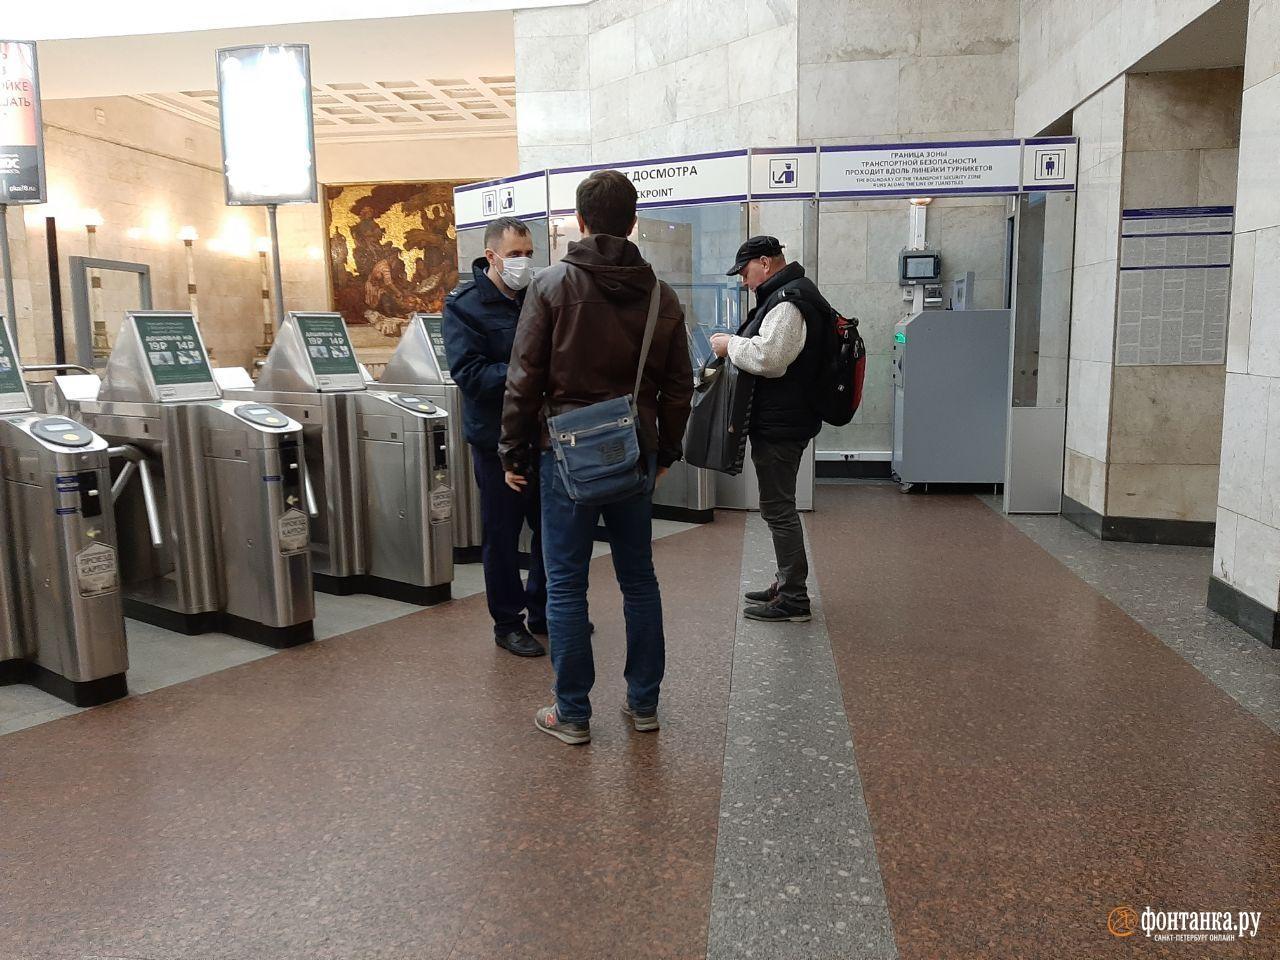 станция метро «Владимирская»<br><br>автор Ирина Корбат / «Фонтанка.ру»<br>